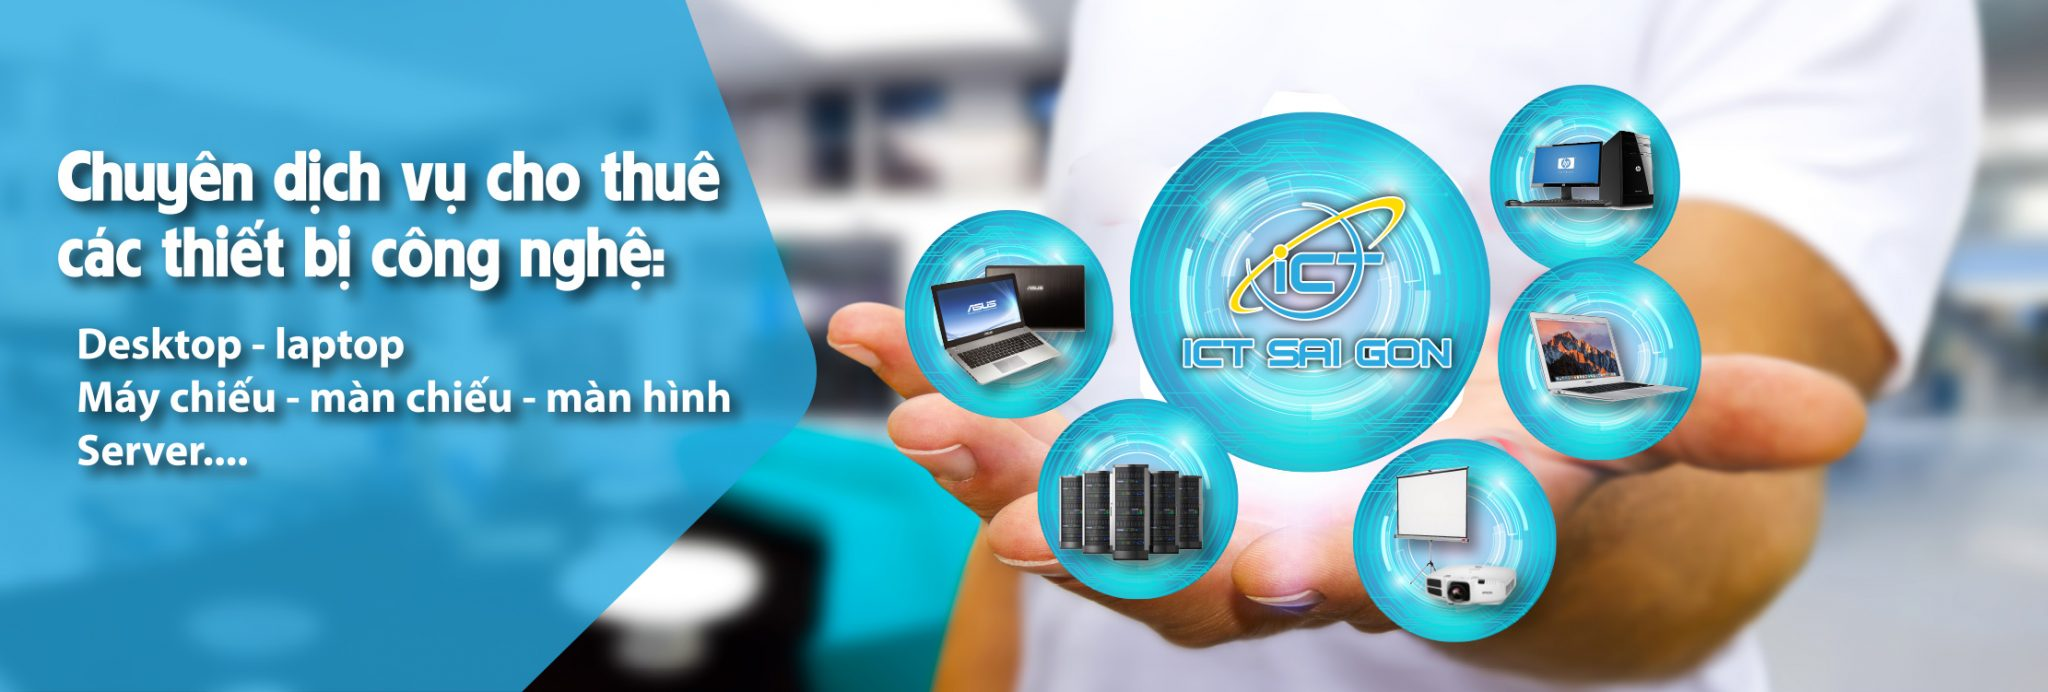 dịch vụ cho thuê thiết bị CNTT của ICT Sài Gòn